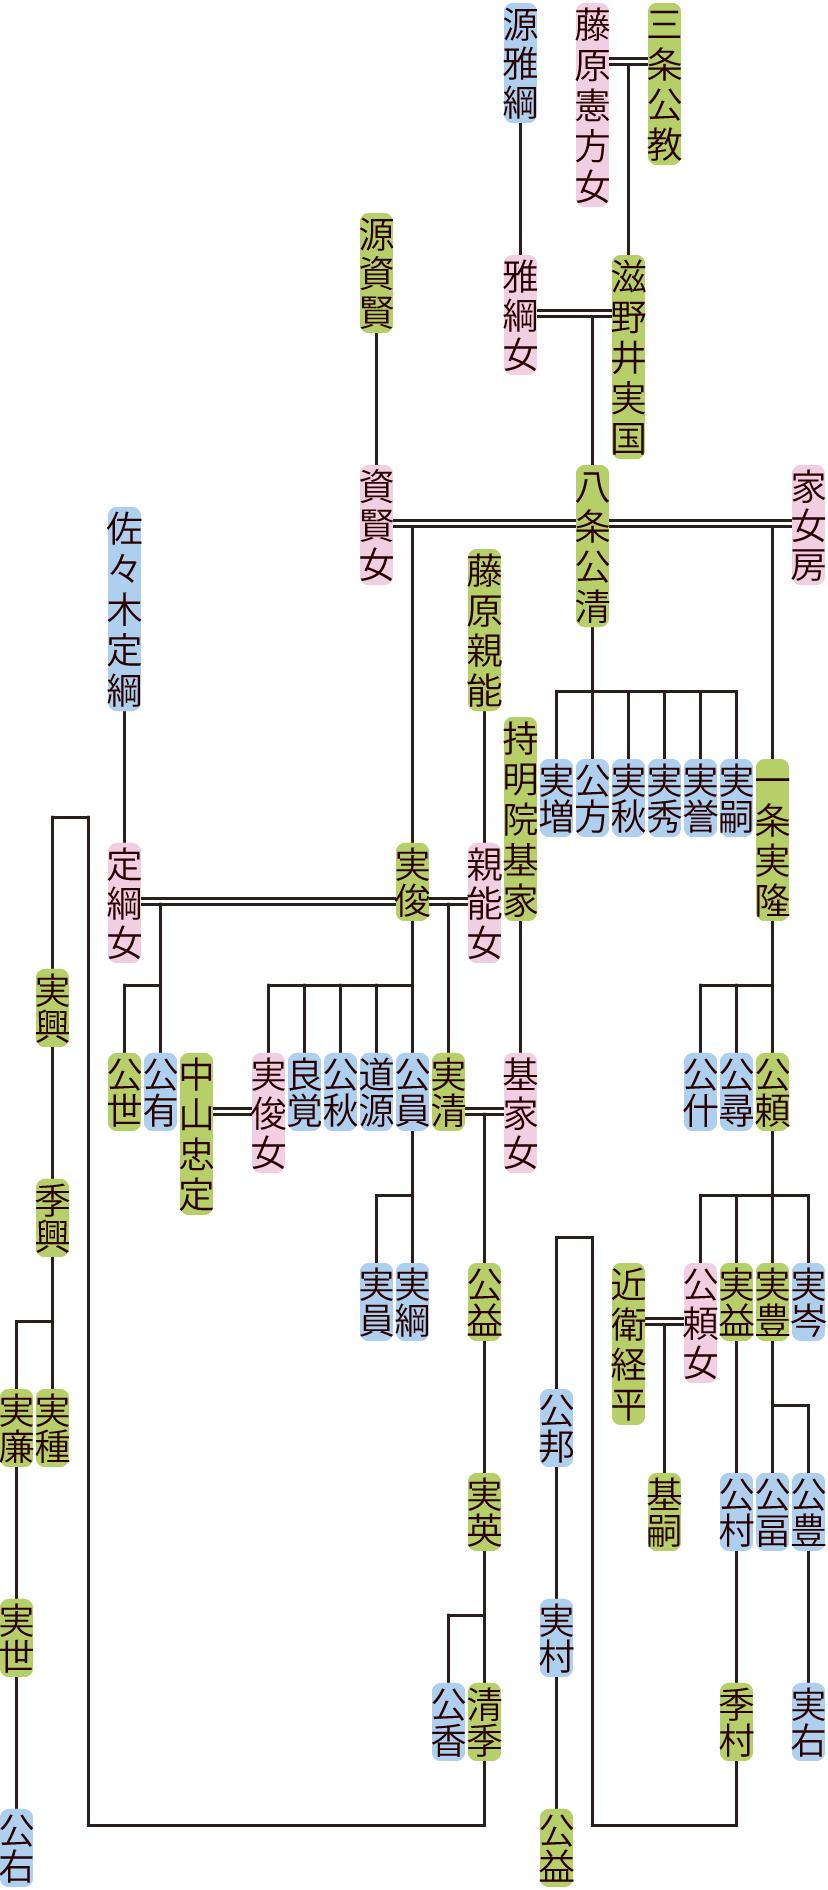 八条公清~一条公邦の系図